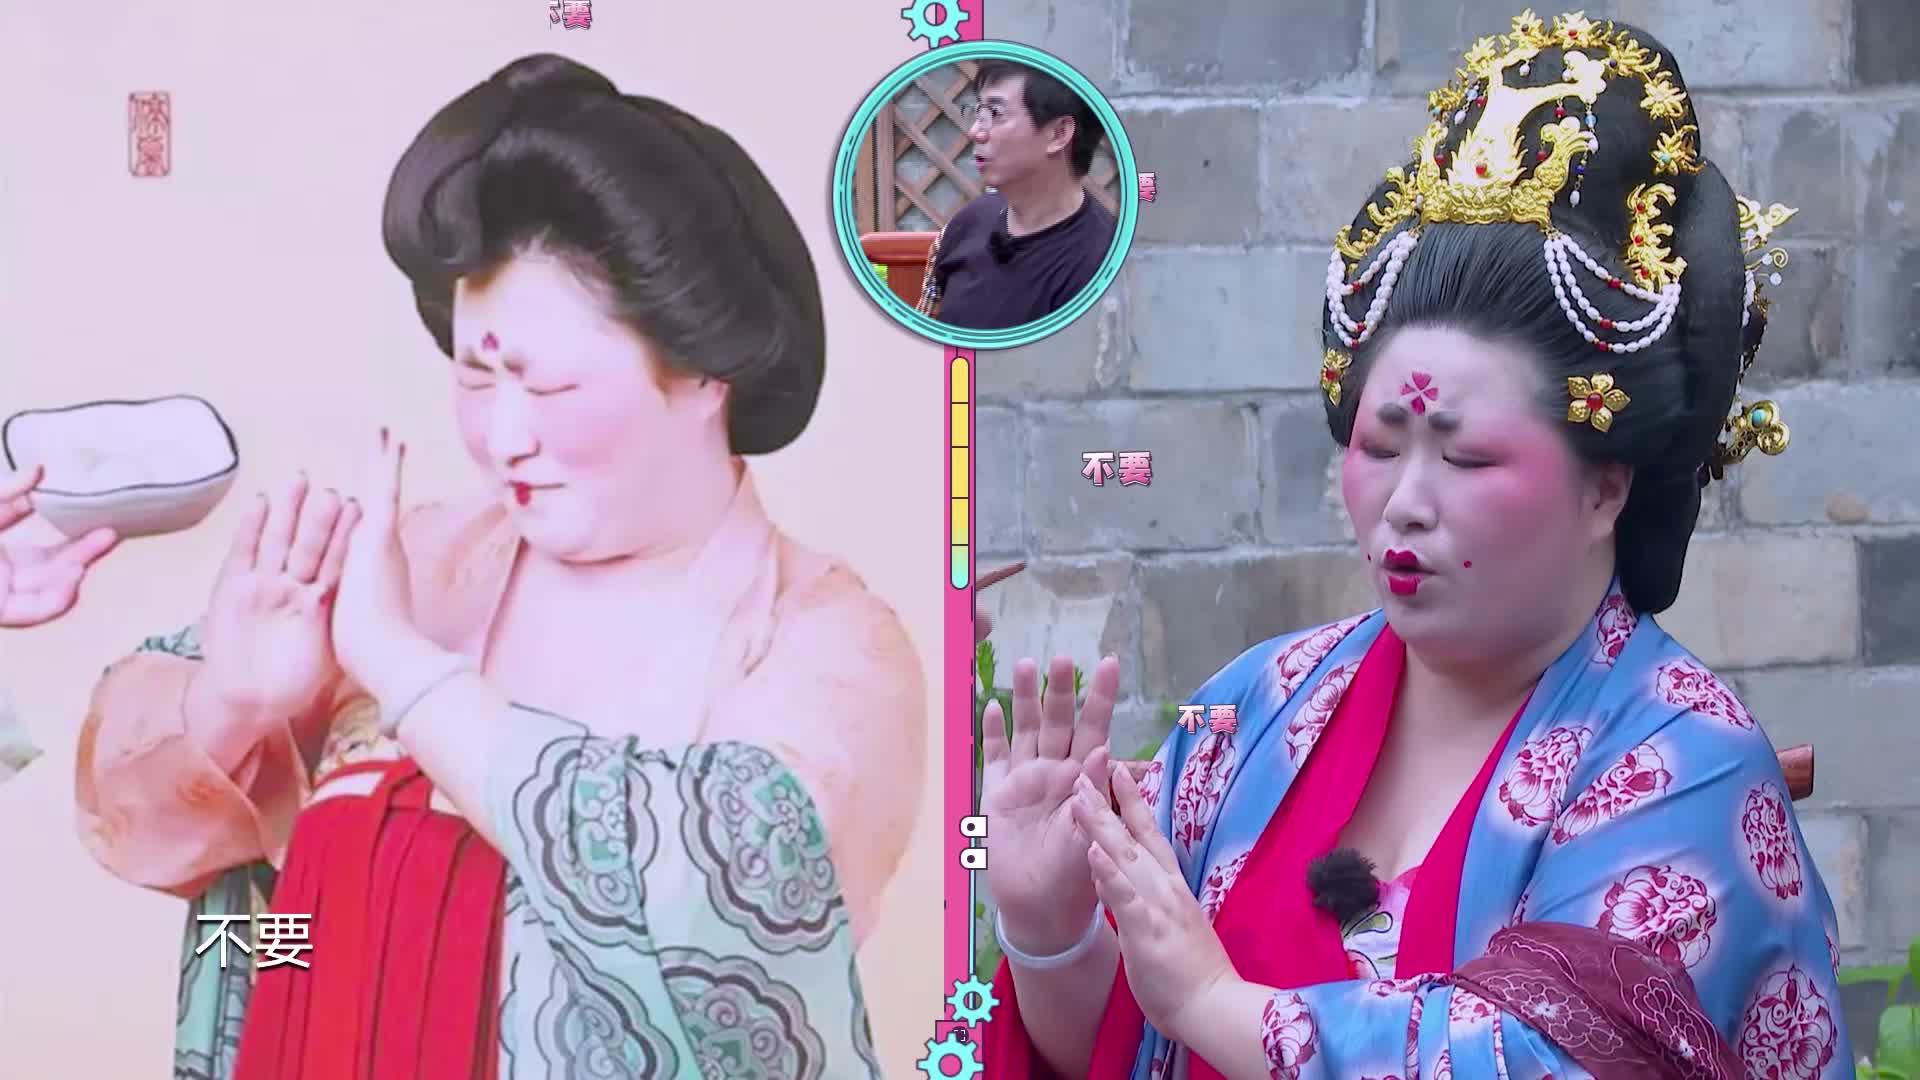 花样新世界:范明学汤圆姐姐表情包超喜感,最后破功遭倪萍嫌弃